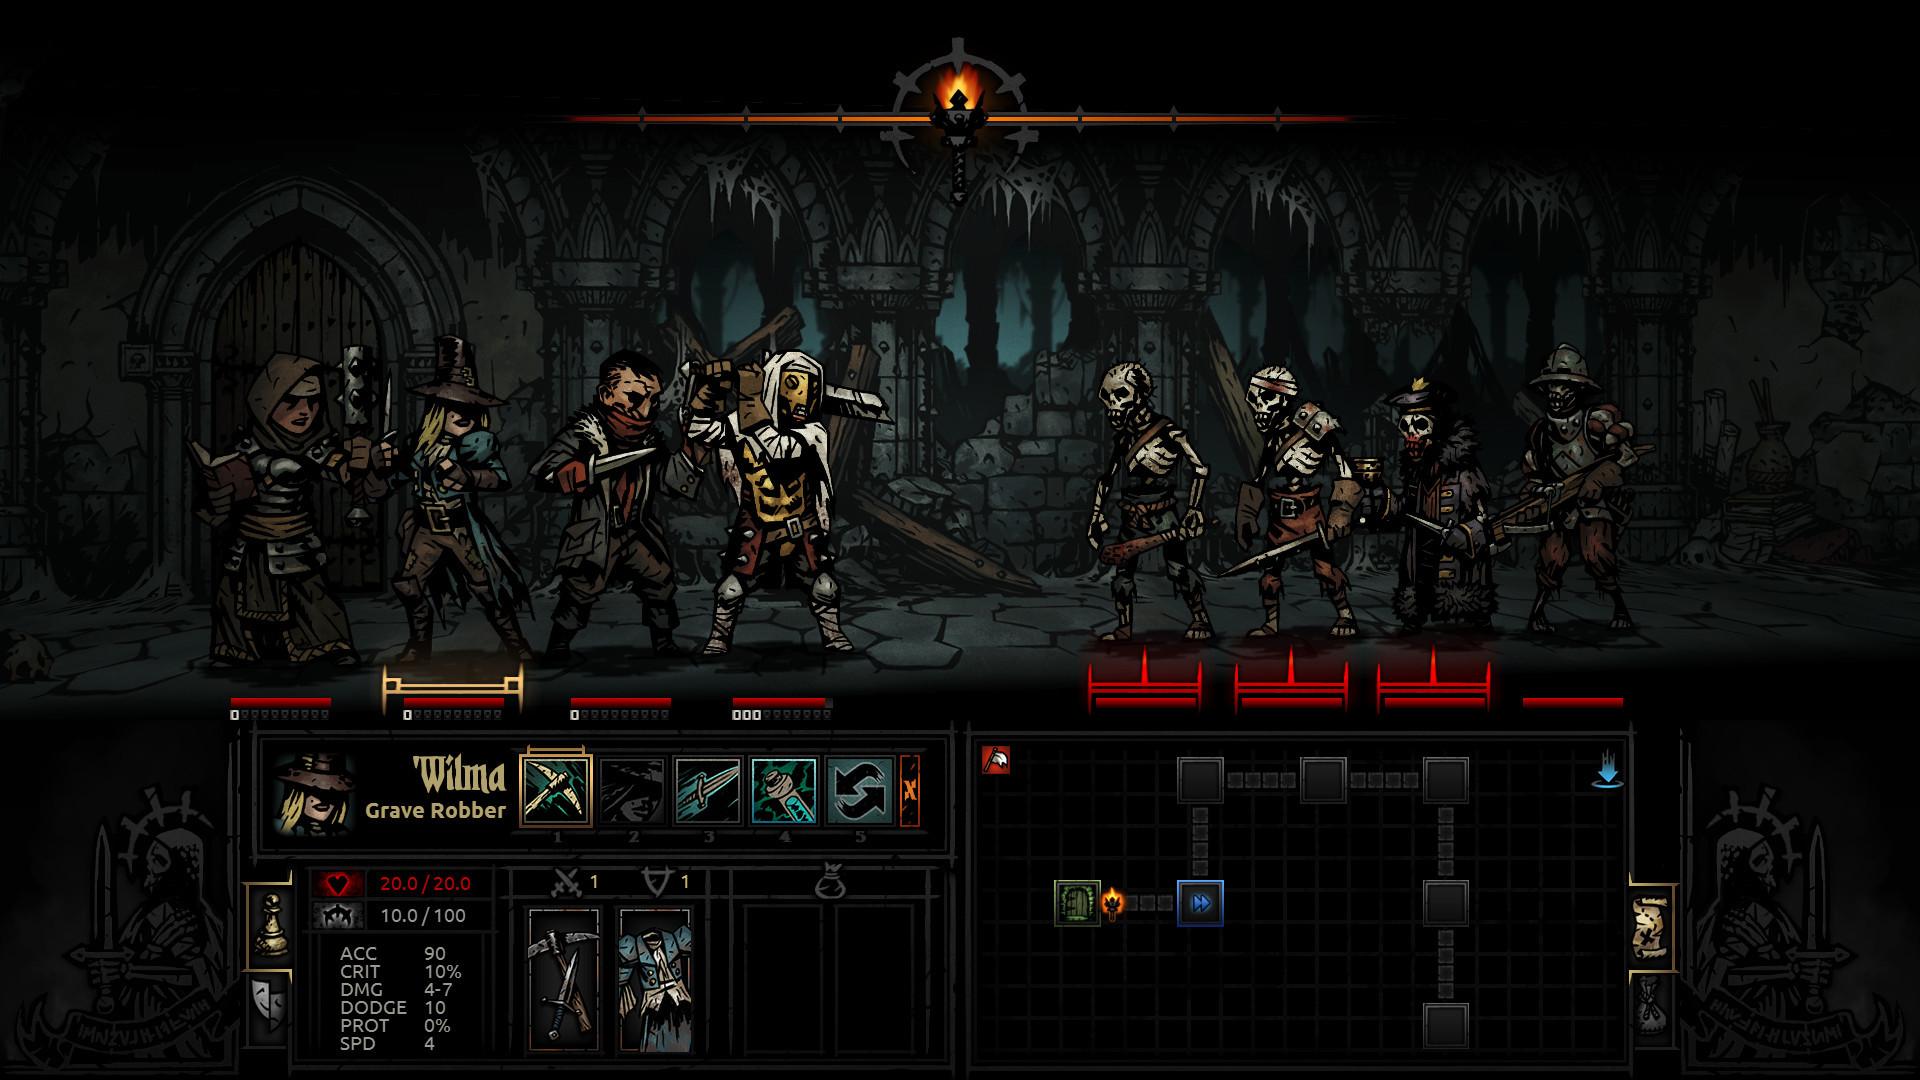 Darkset_Dungeon_23.7_1_